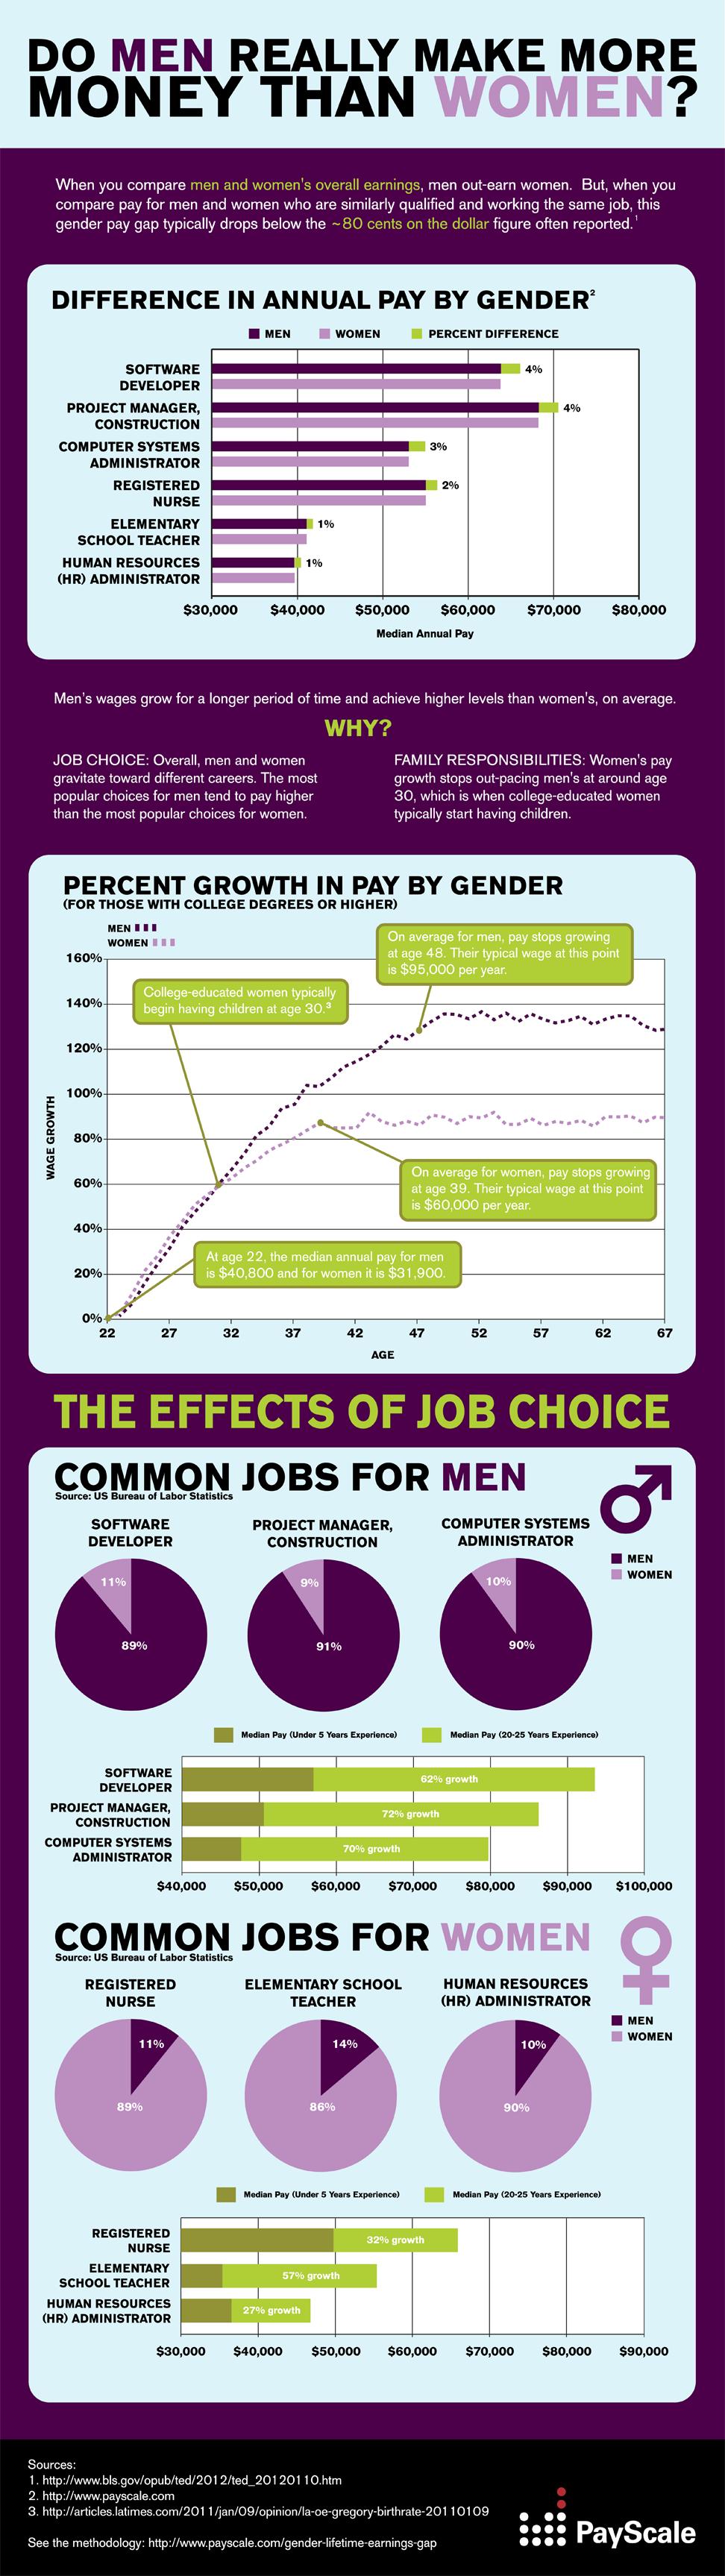 diferencias de salarios entre hombres y mujeres